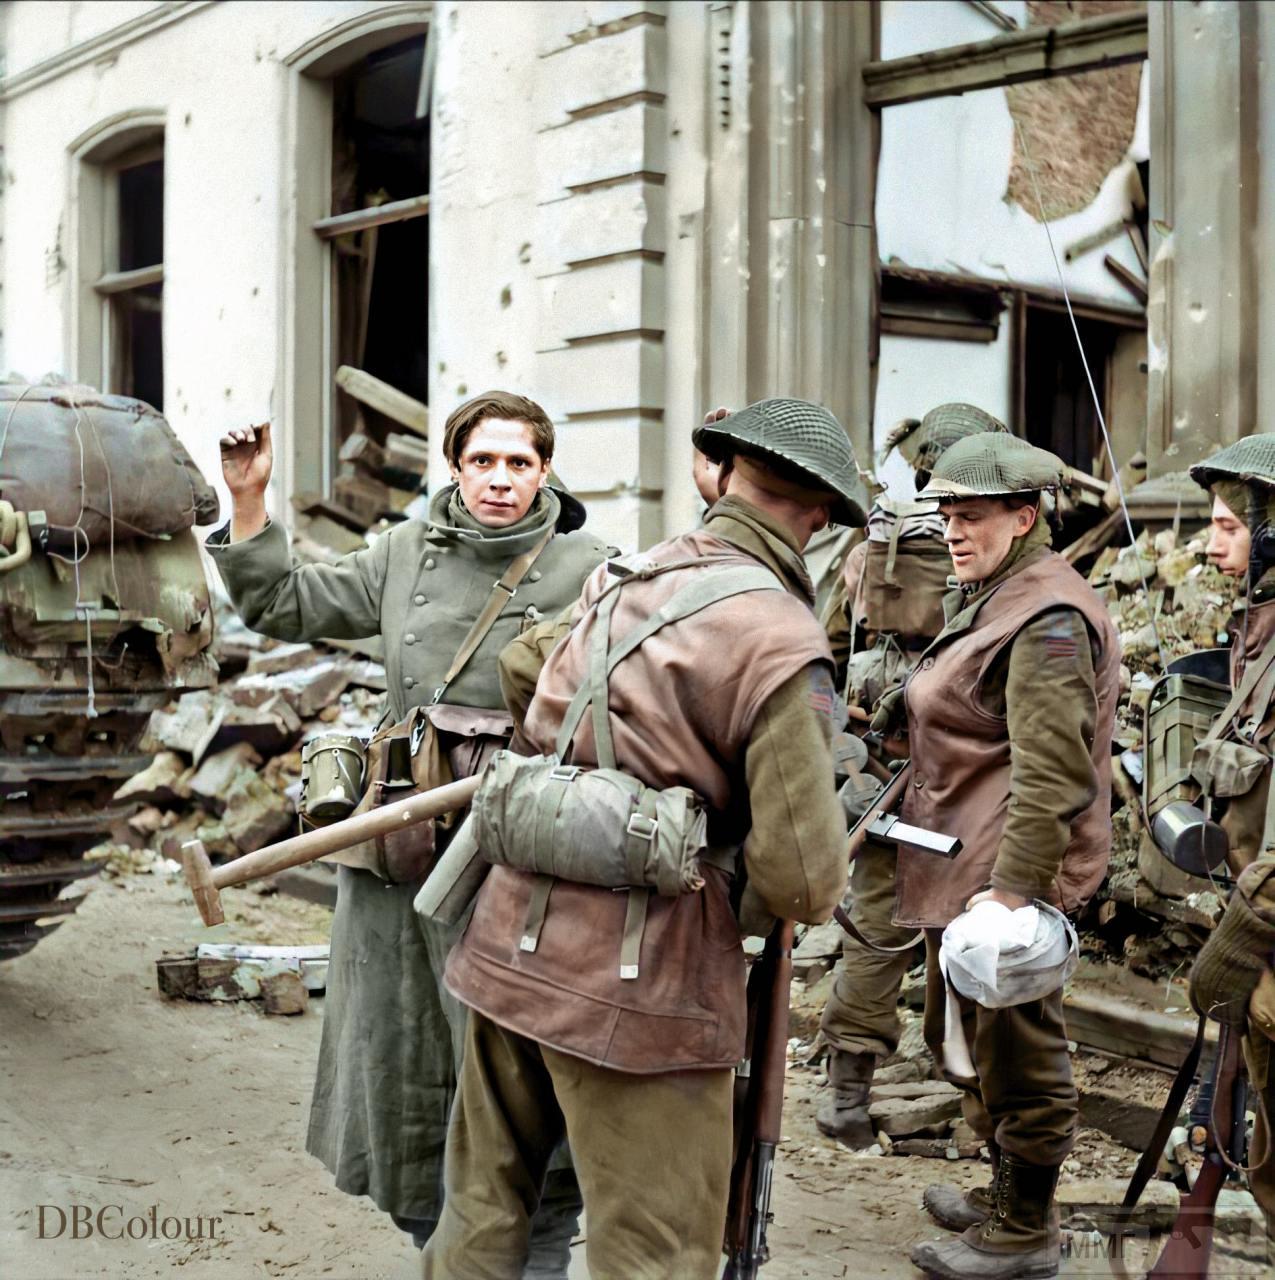 109561 - Военное фото 1939-1945 г.г. Западный фронт и Африка.